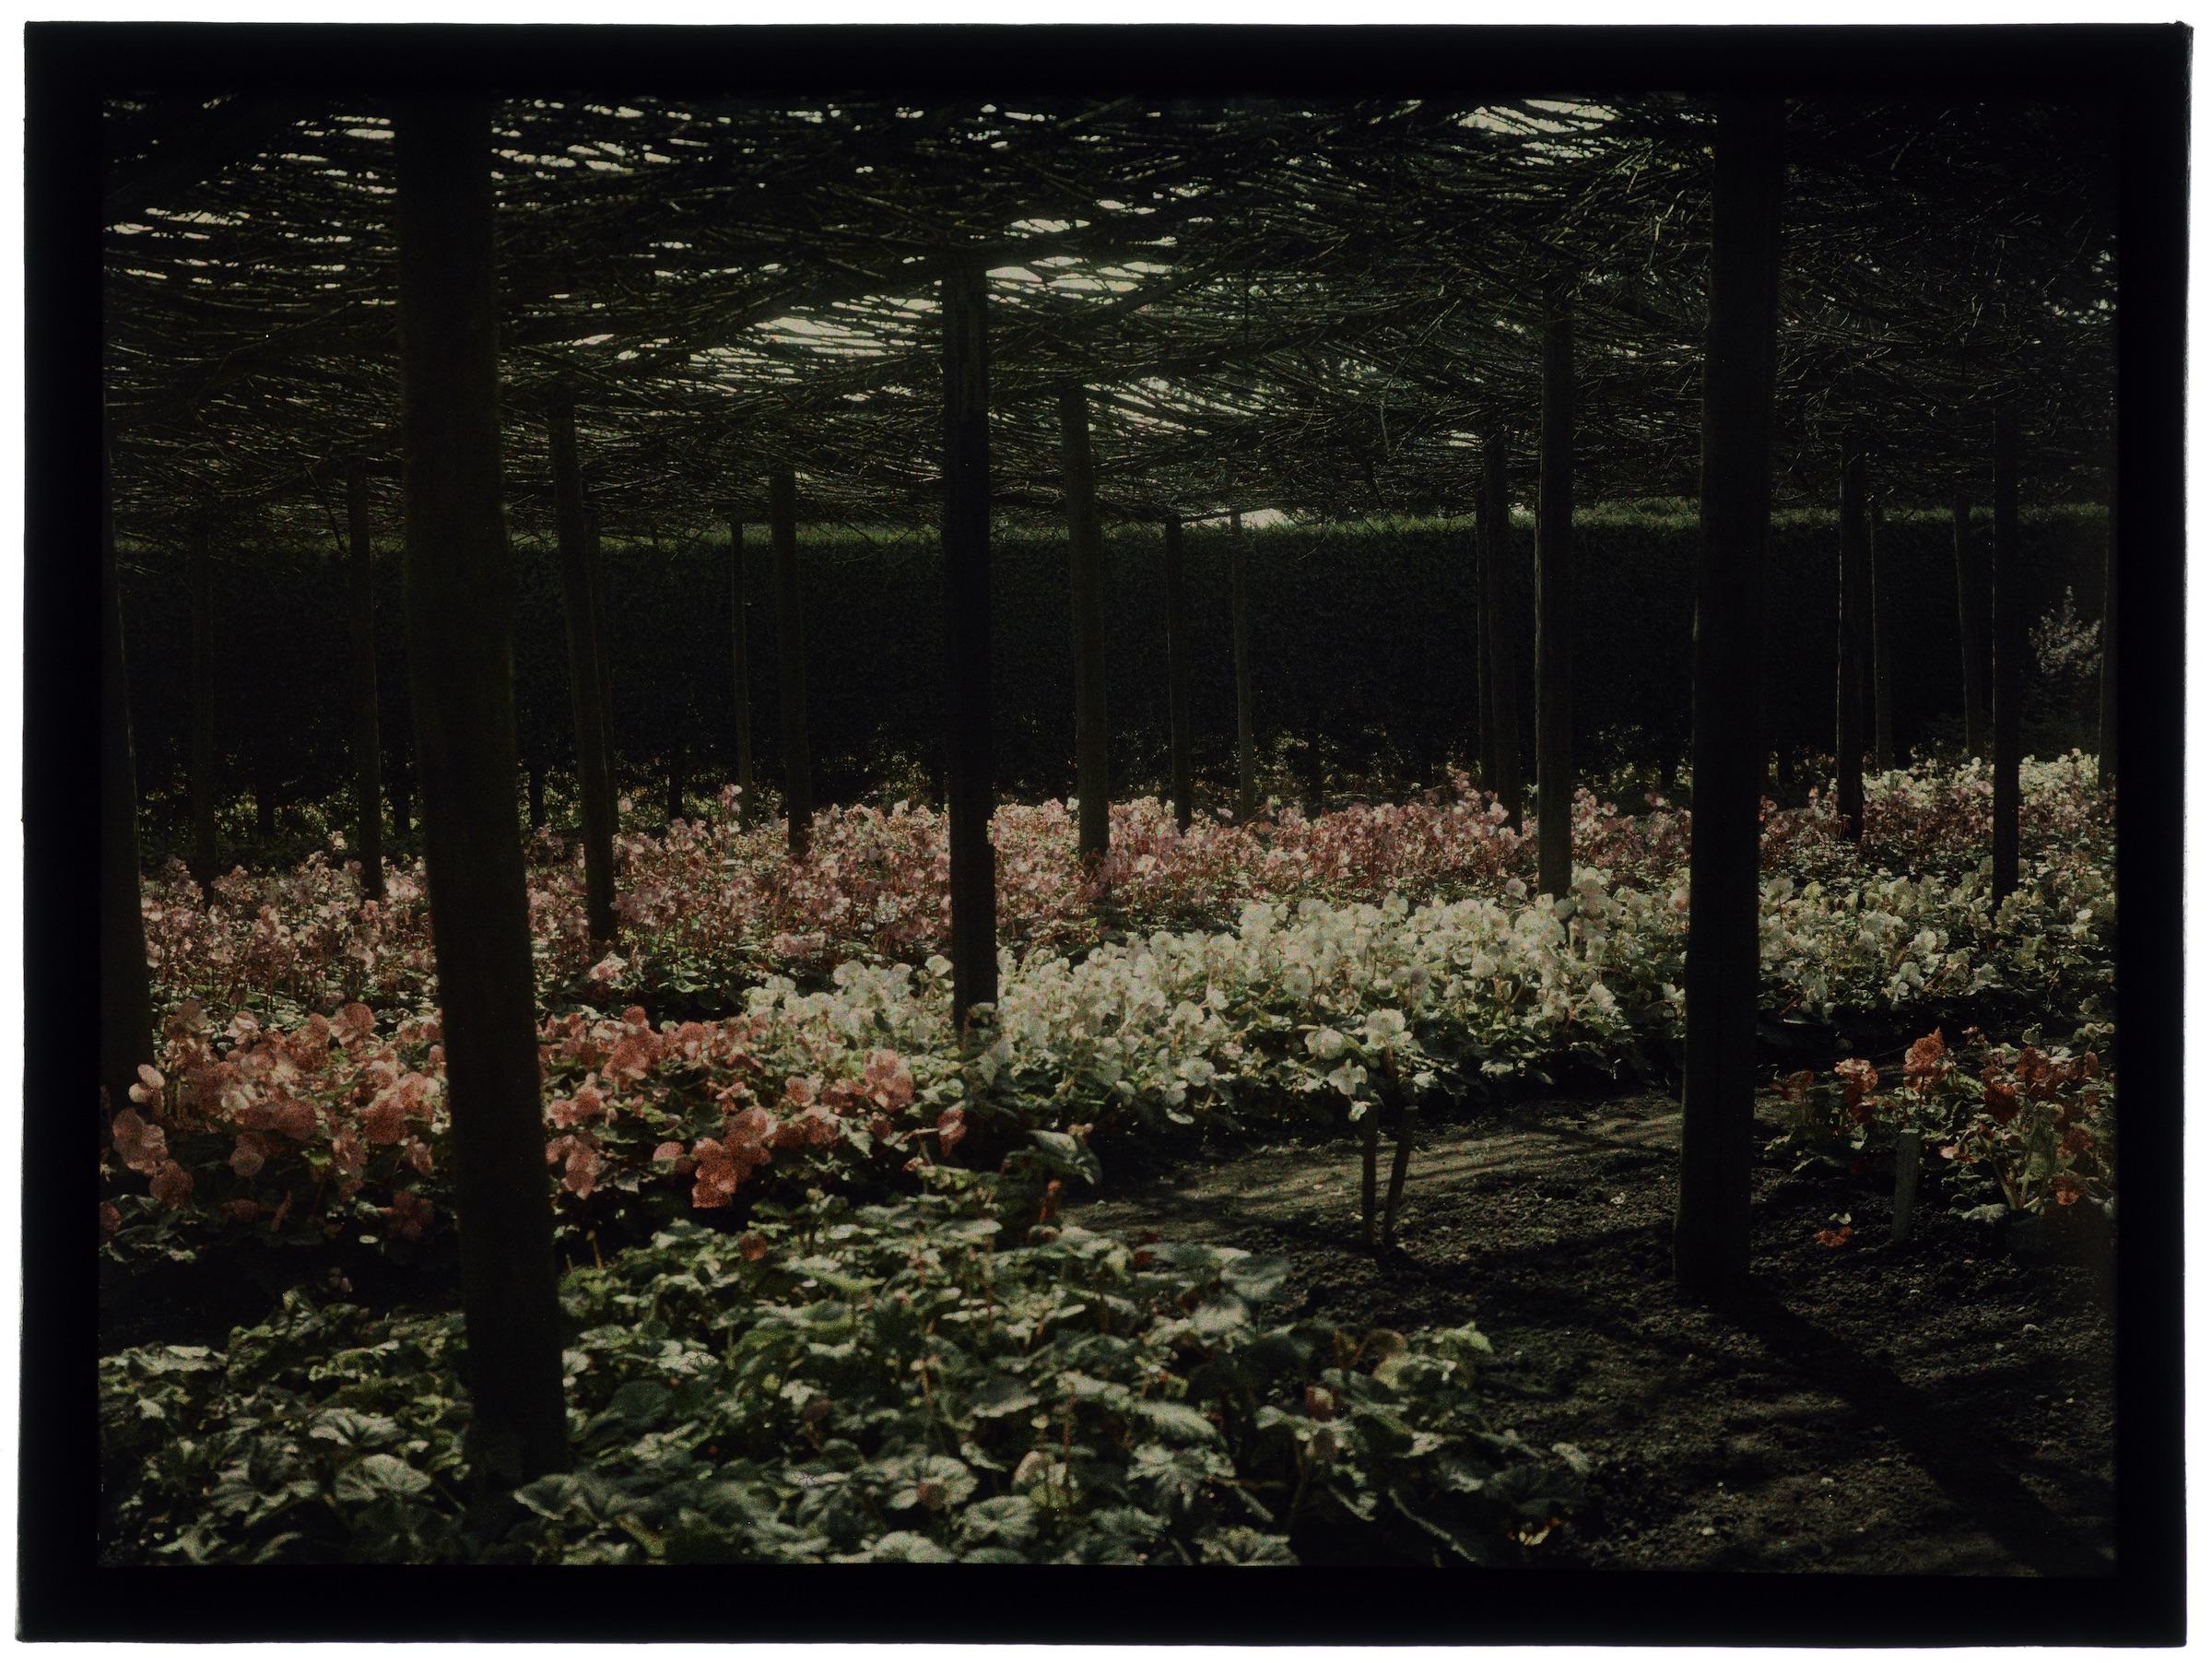 Plantation de fleurs sous un toit de branchage et fleurs dans le jardin